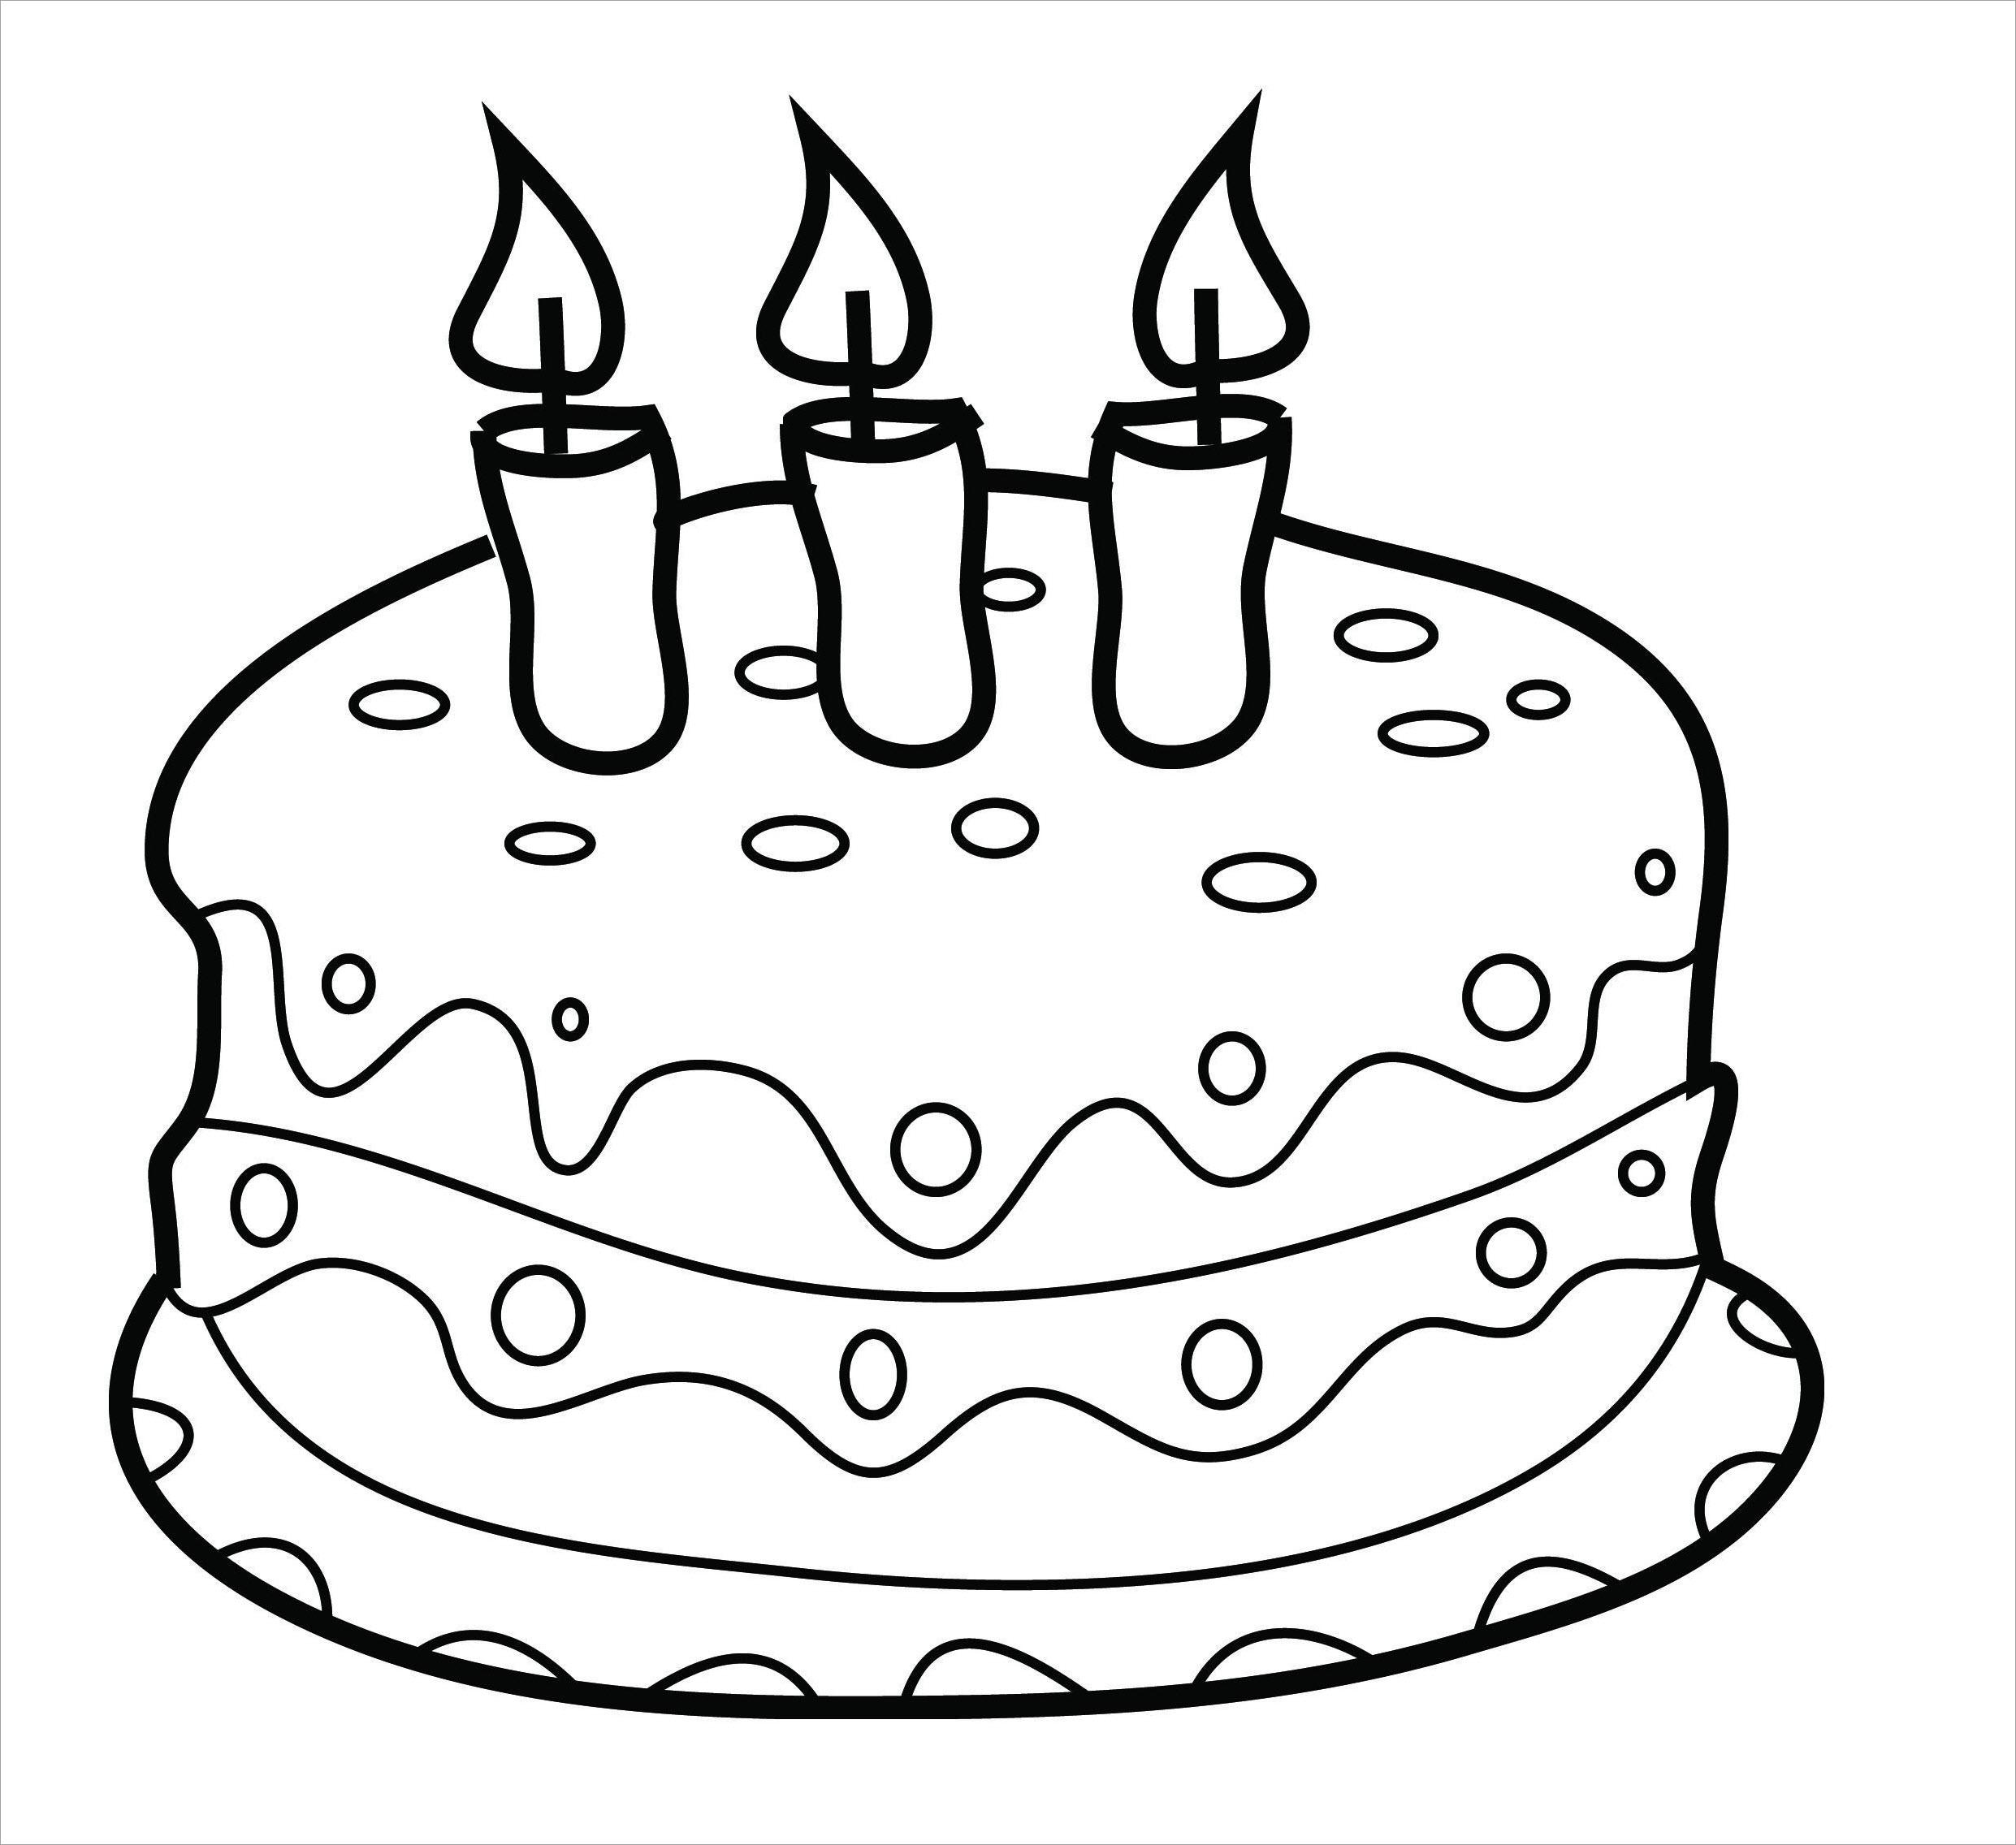 Tranh tô màu bánh sinh nhật cho bé